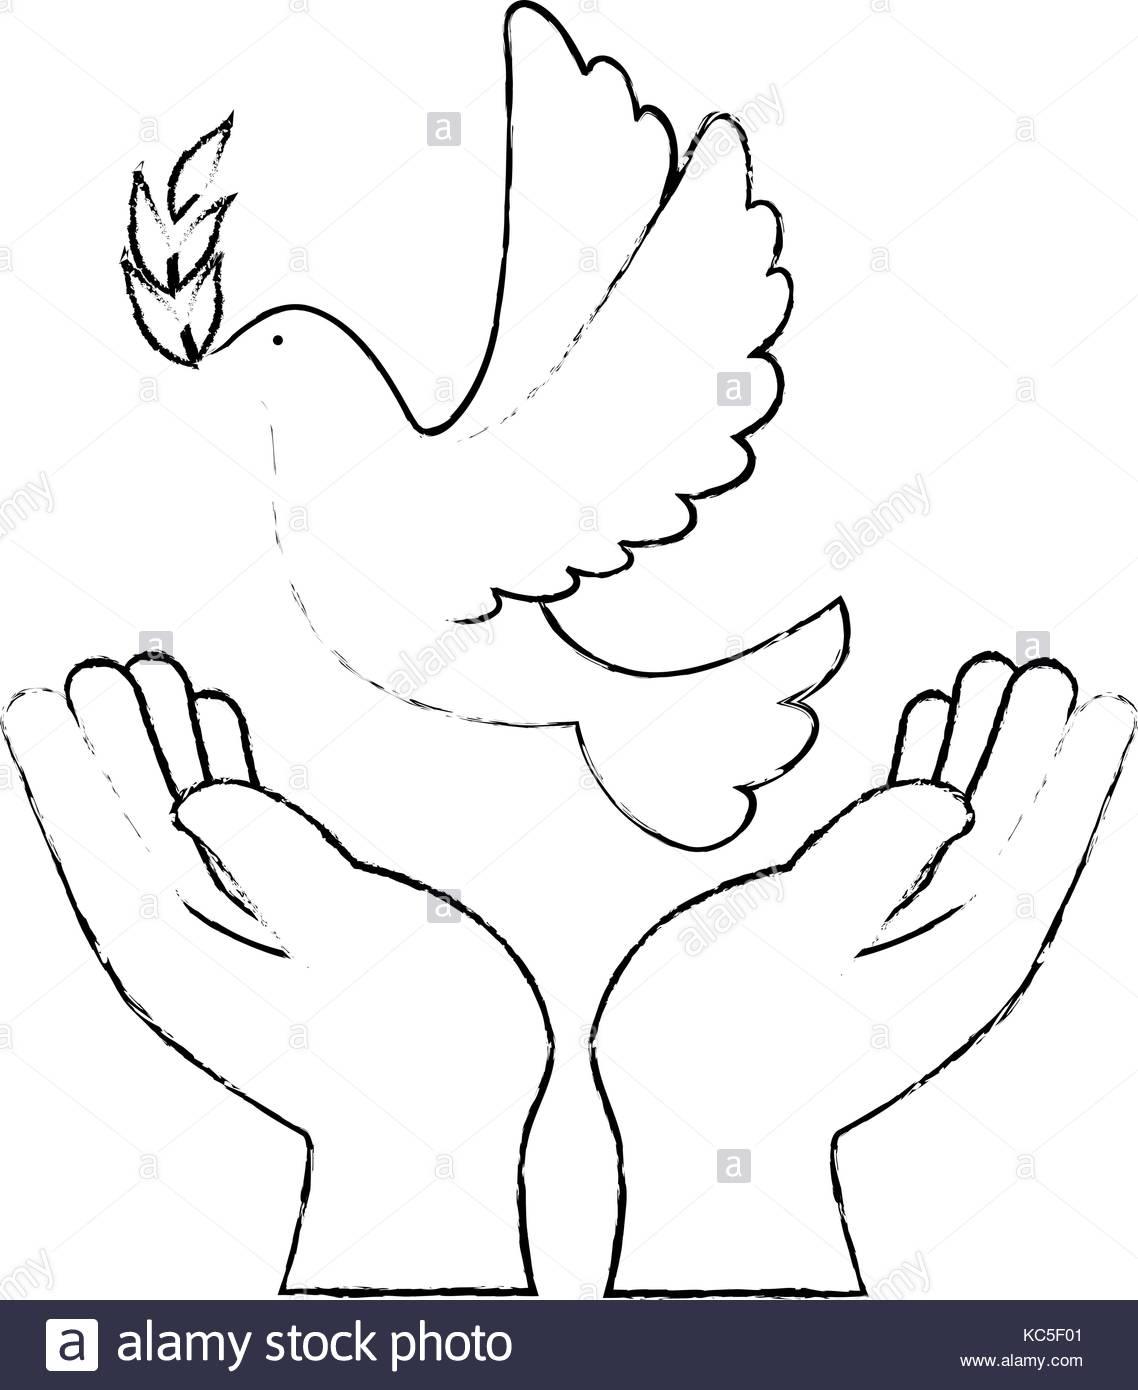 1138x1390 Dove Human Hands Peace Symbol Stock Photos Amp Dove Human Hands